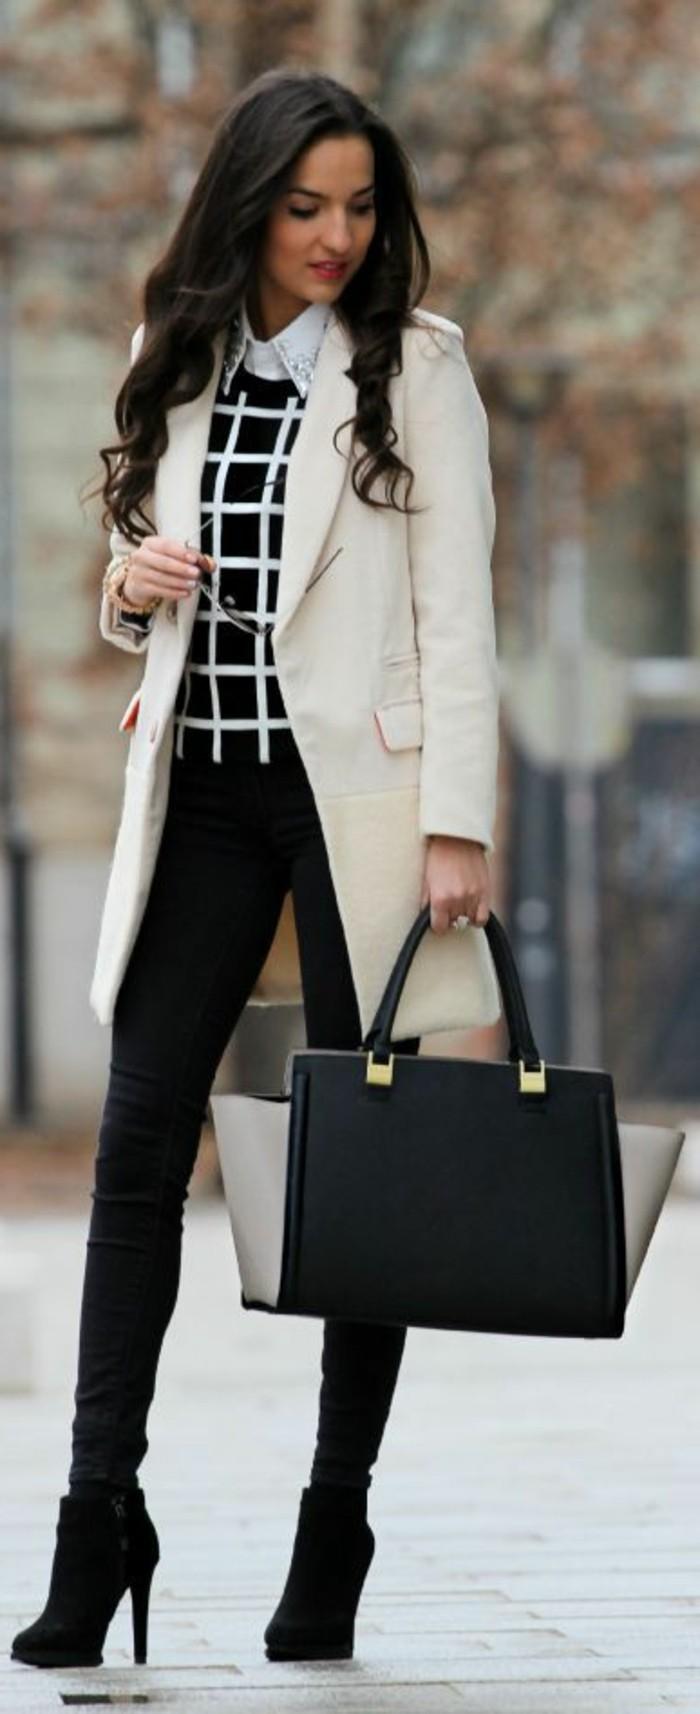 3-business-kleider-elegantes-hemd-beige-mantel-schwarze-hose-schwarze-tasche